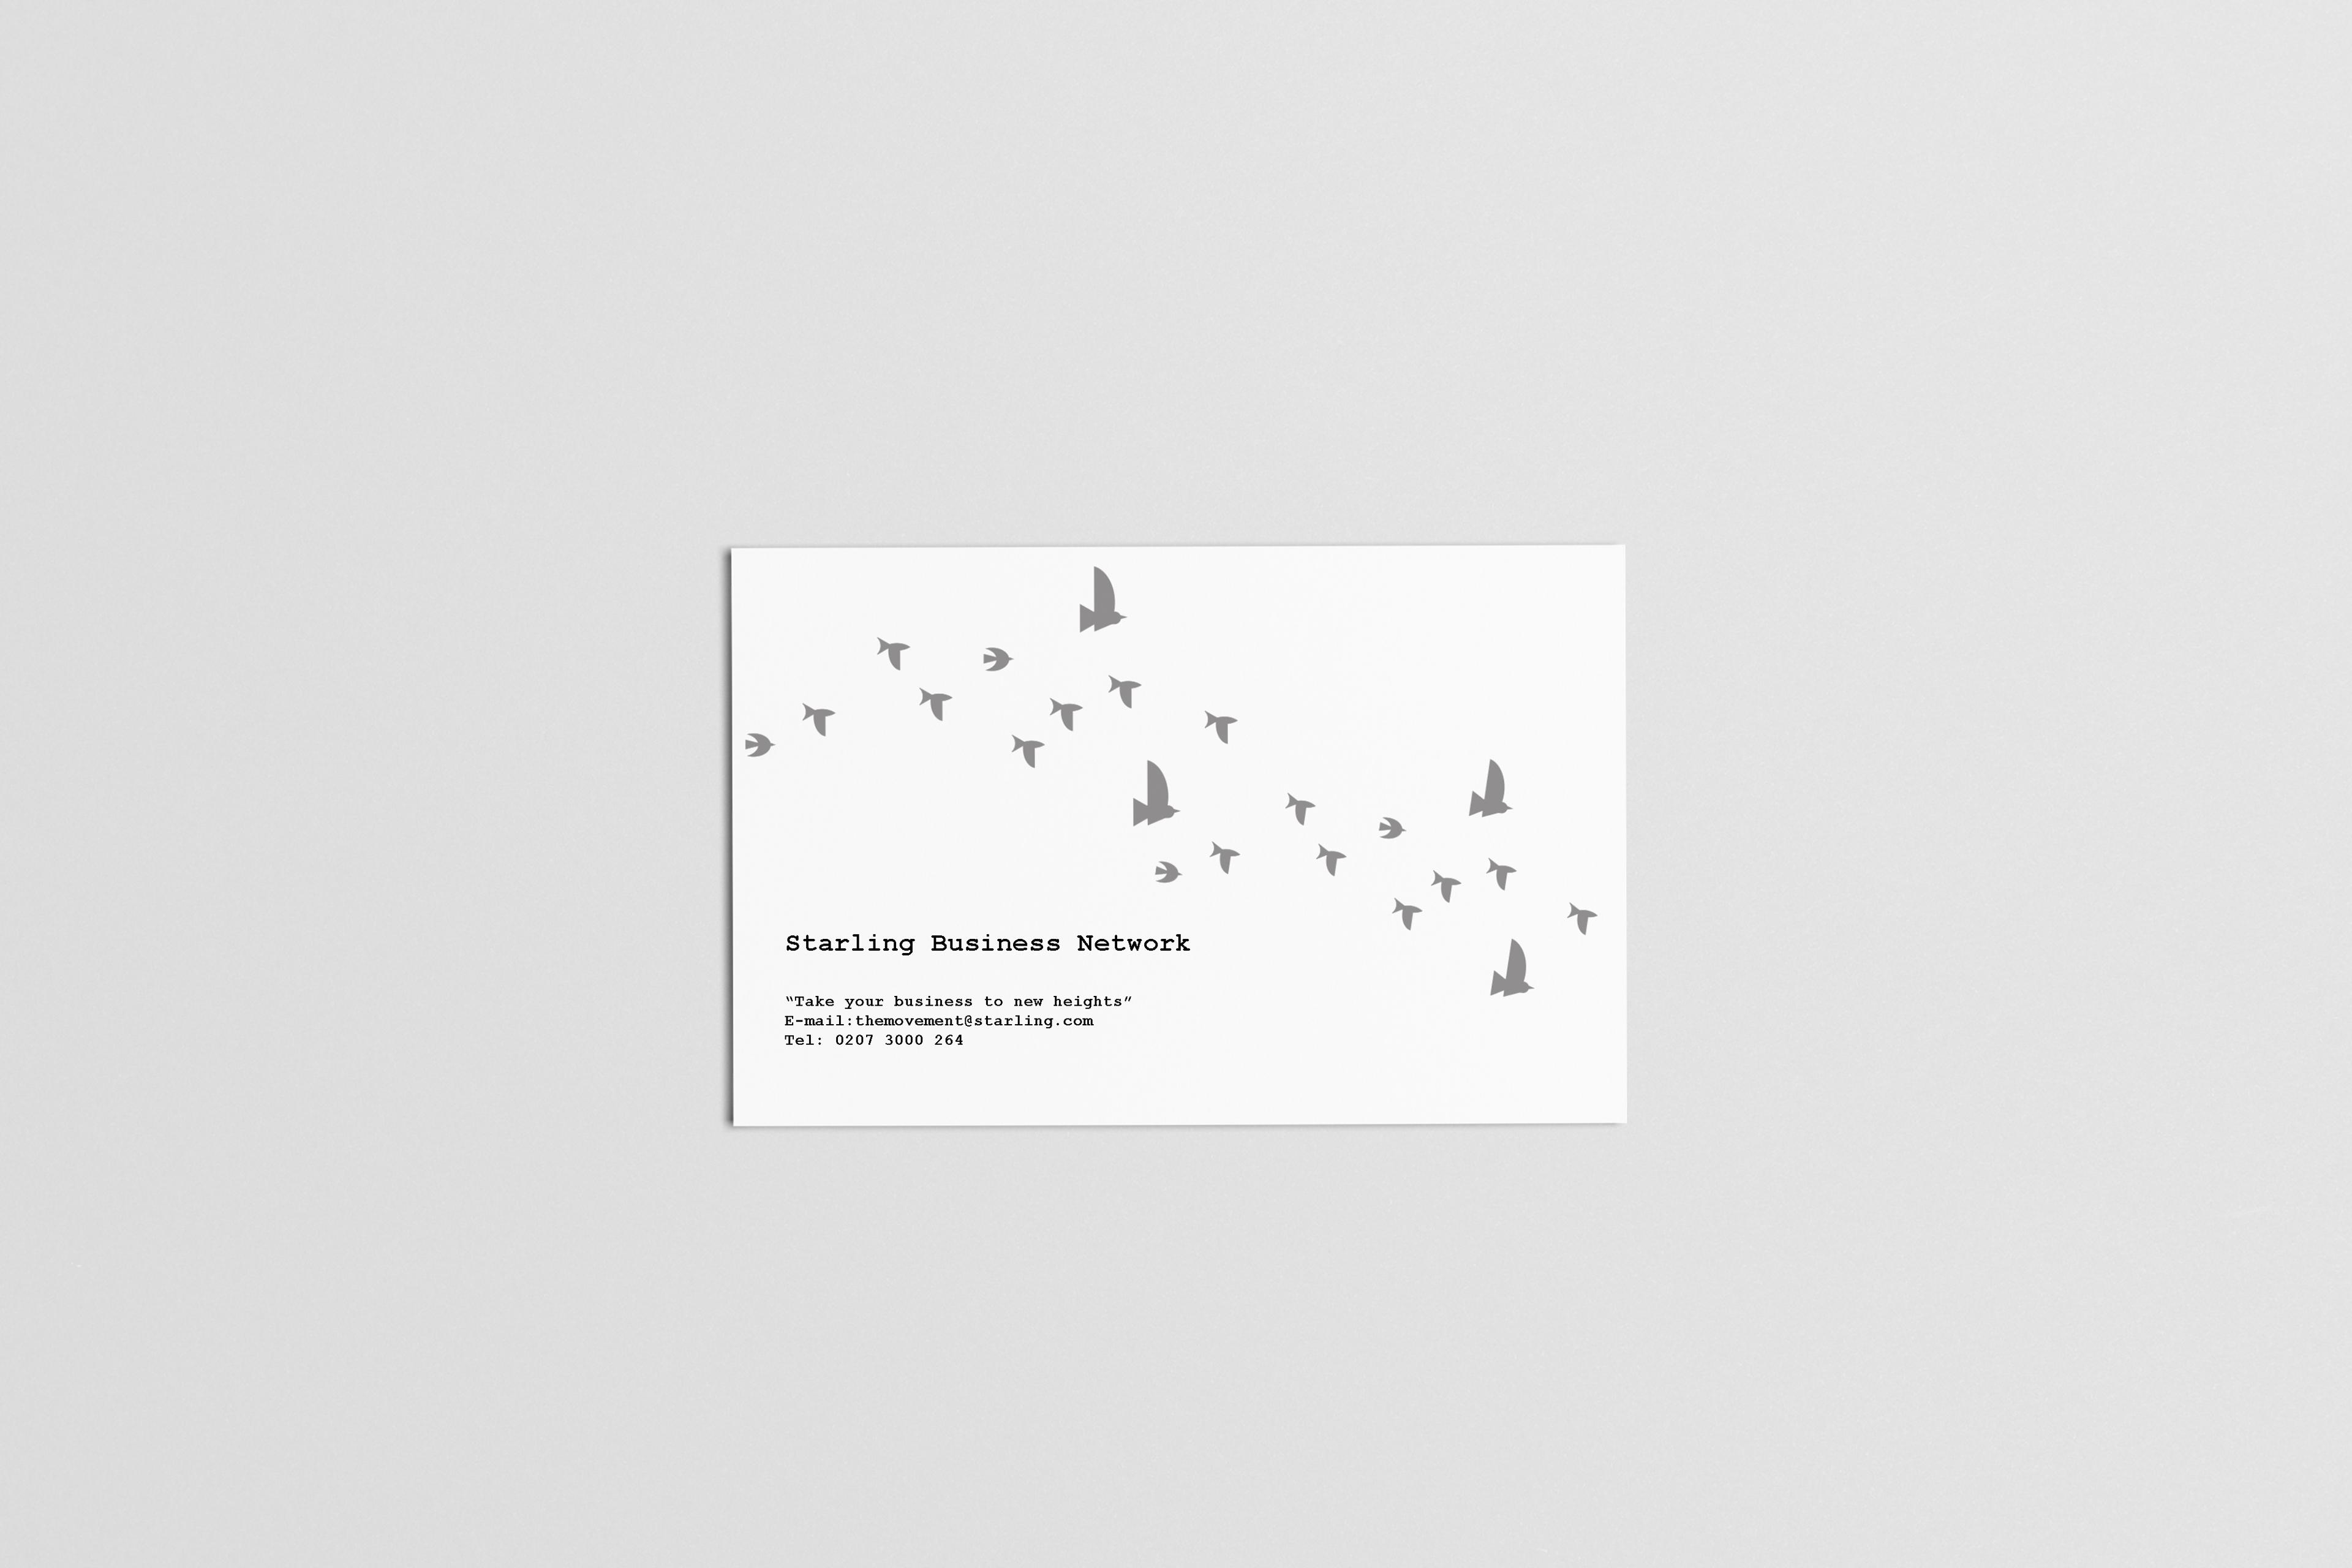 Andrew John Design - Starling Business Network